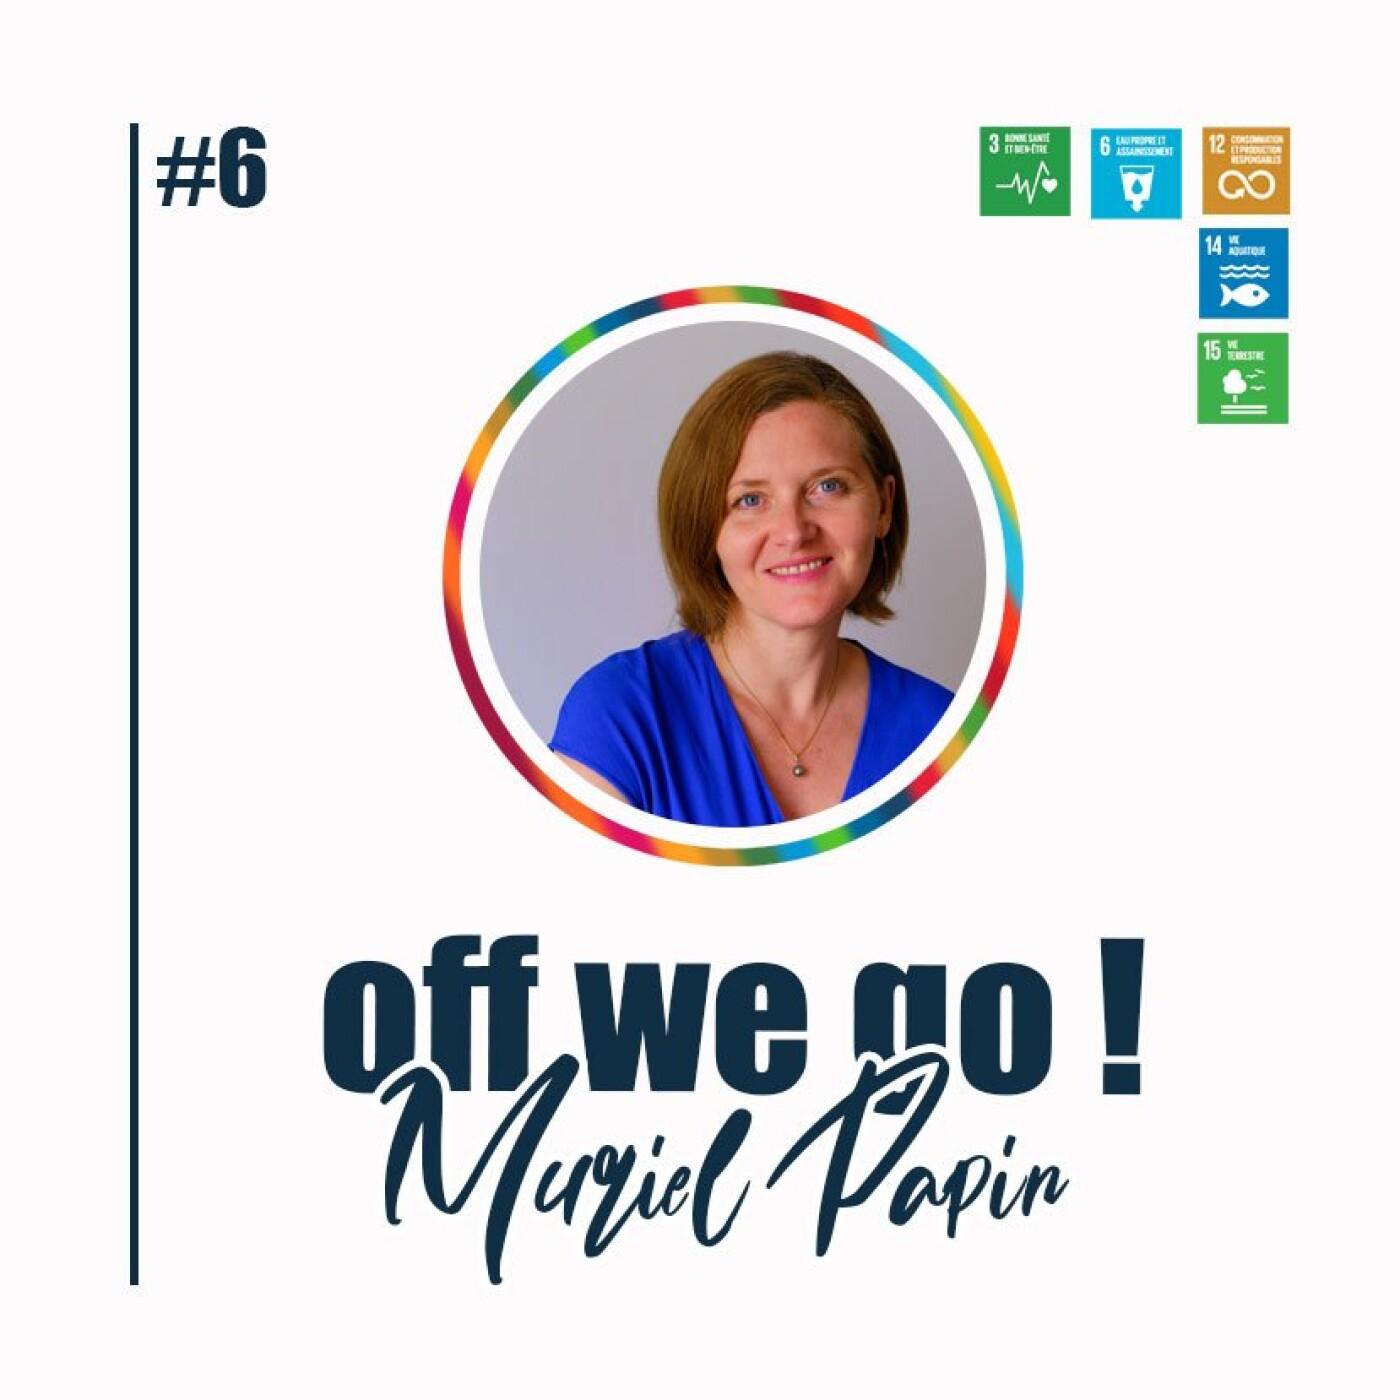 Lutter contre la pollution plastique pour ne pas laisser une dette environnementale à nos enfants - Muriel Papin (No Plastic In My See)